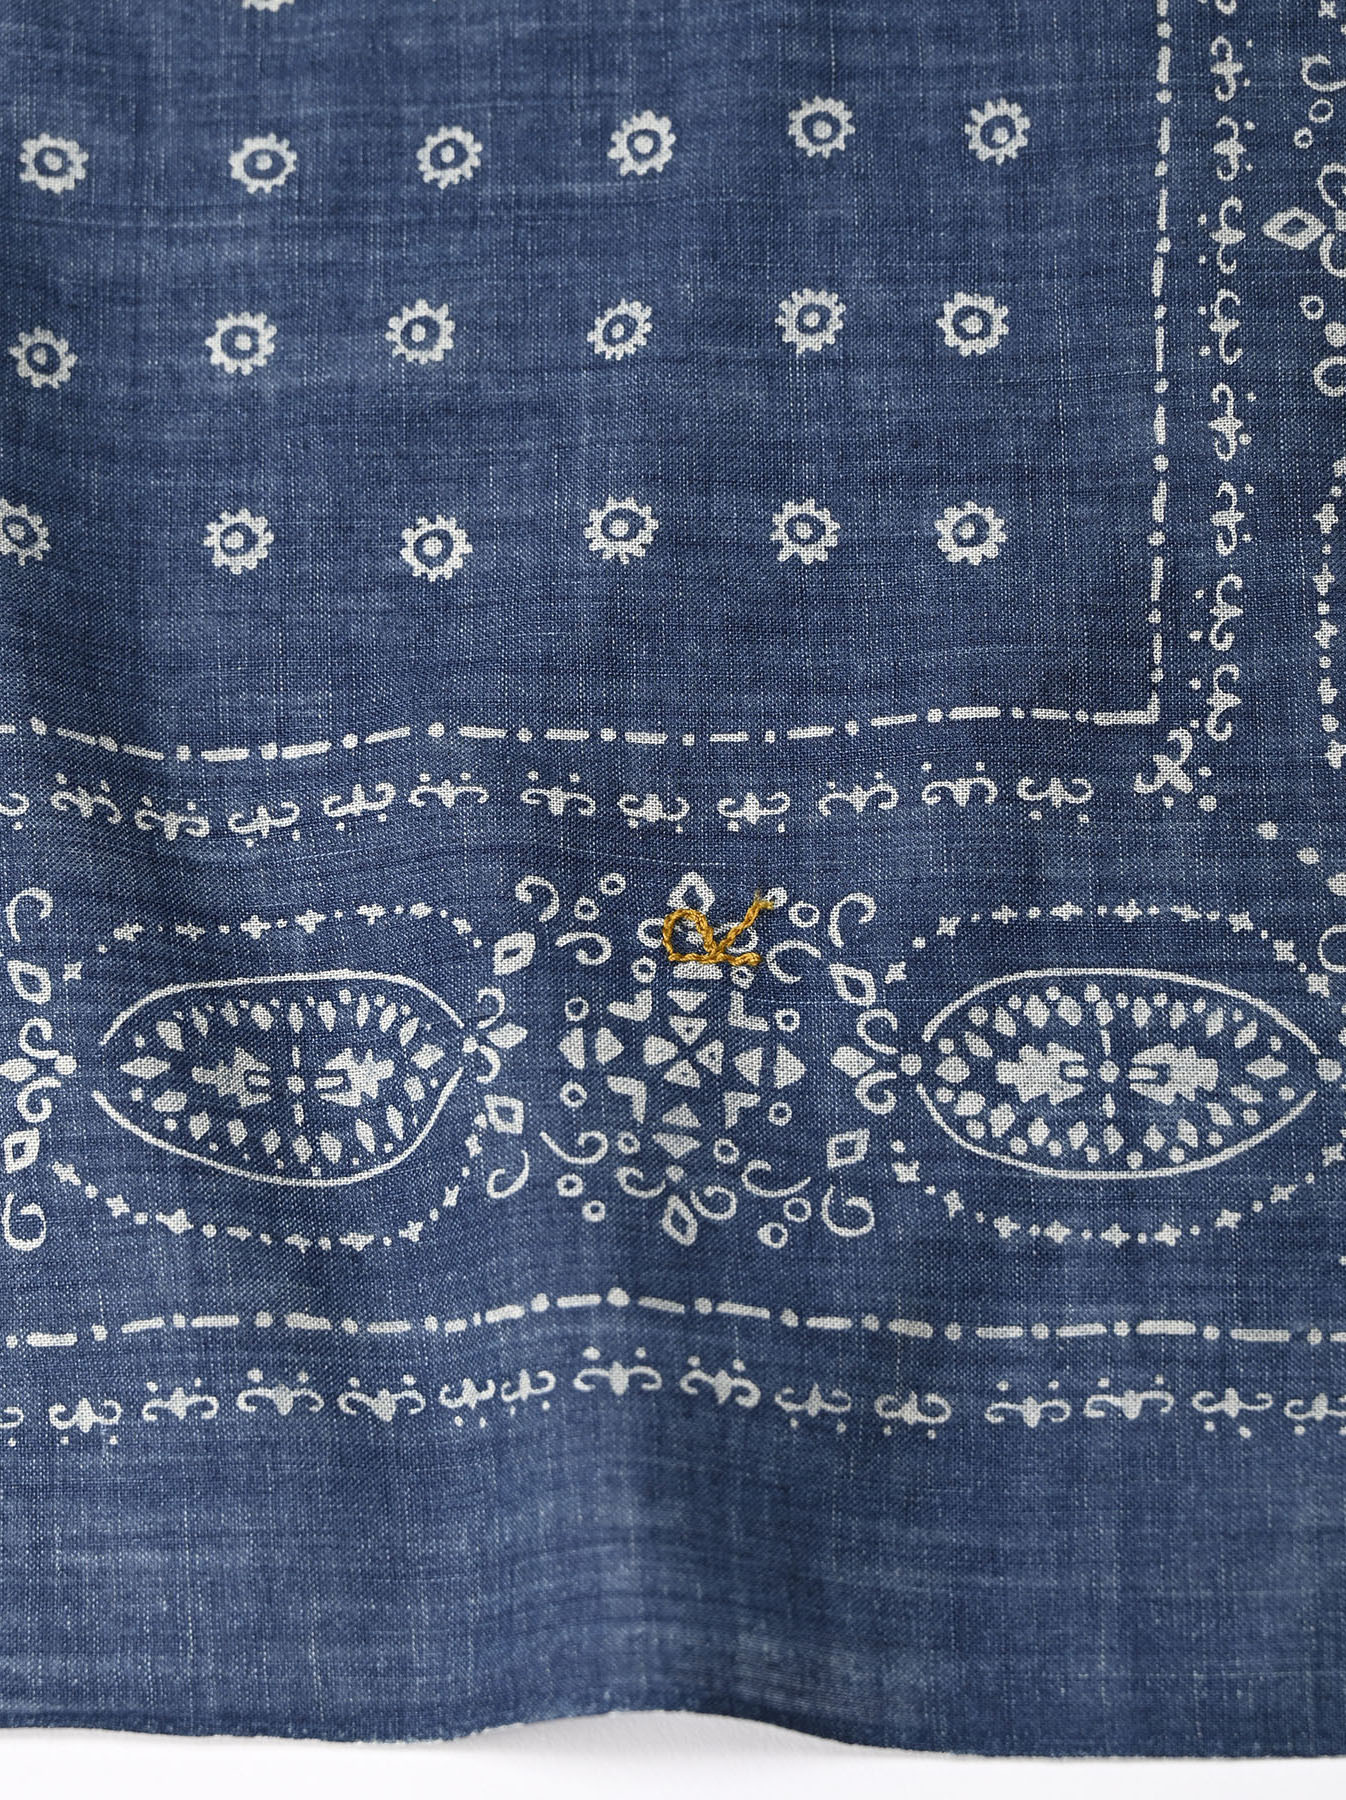 Indigo Selvage Amish Beads Bandana-4